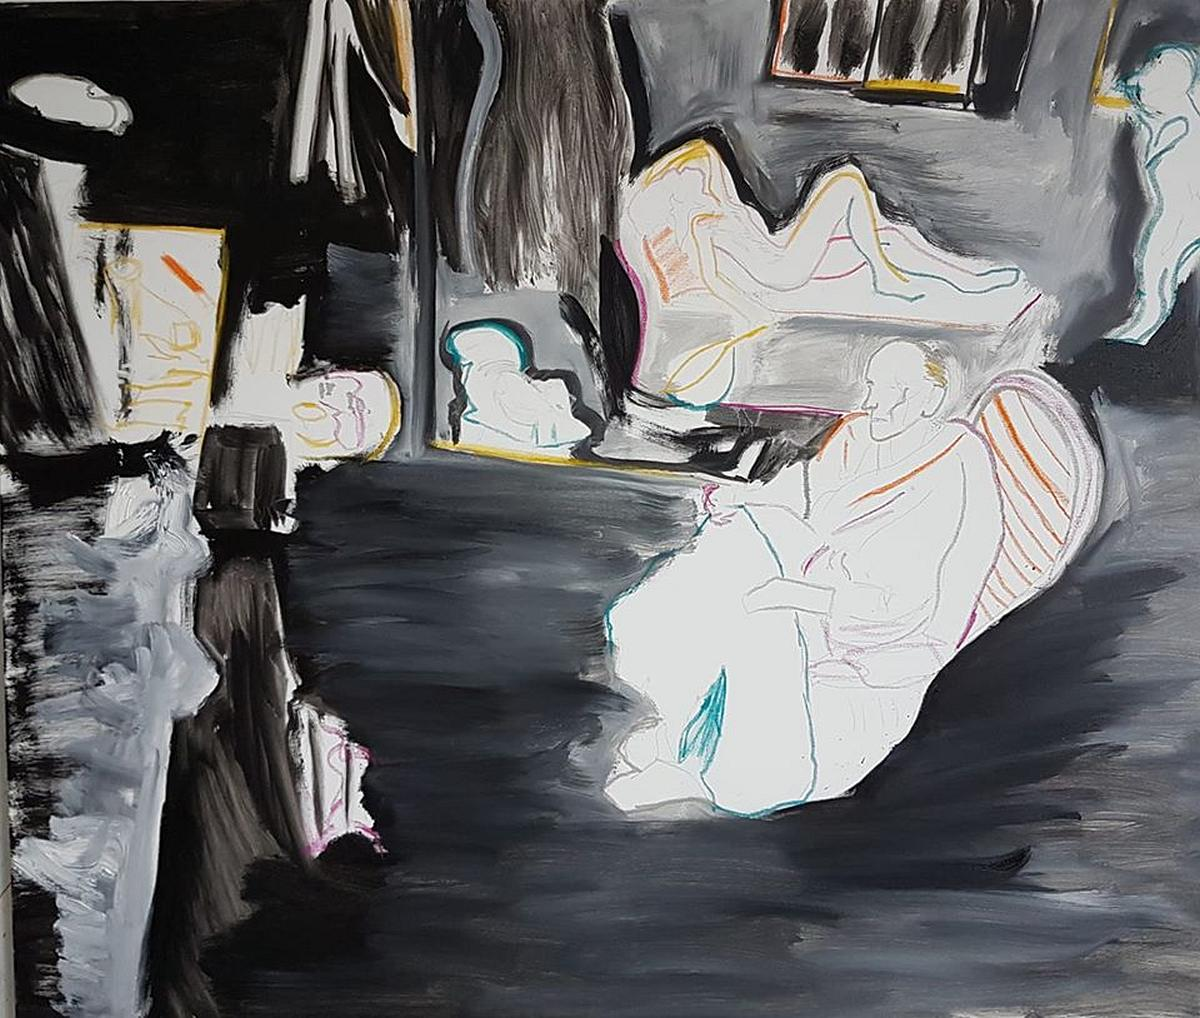 szwabe_malarstwo_balthus-podczas-pracy-pracownia-w-rossniere-130-na100-olej-na-pltnie_www